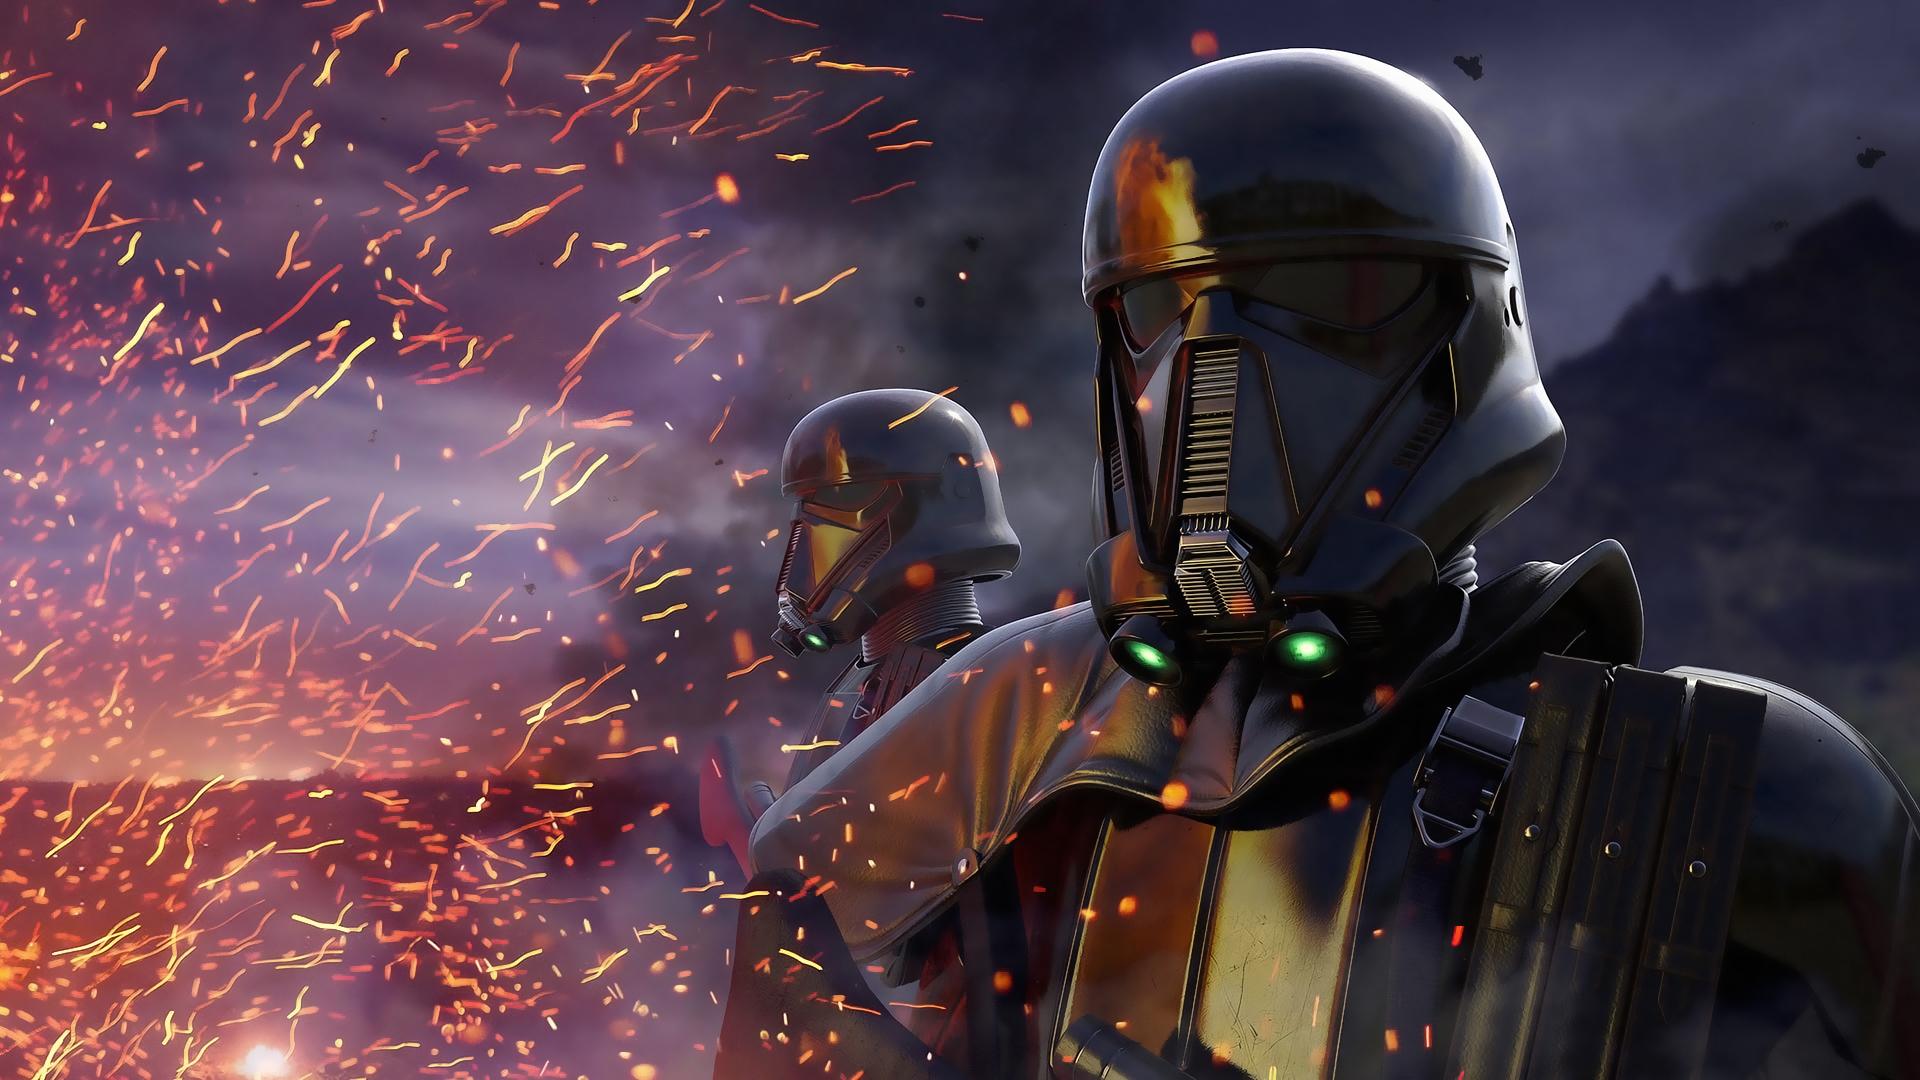 Star Wars Rogue One Wallpaper By Stiflerneonizz On Deviantart